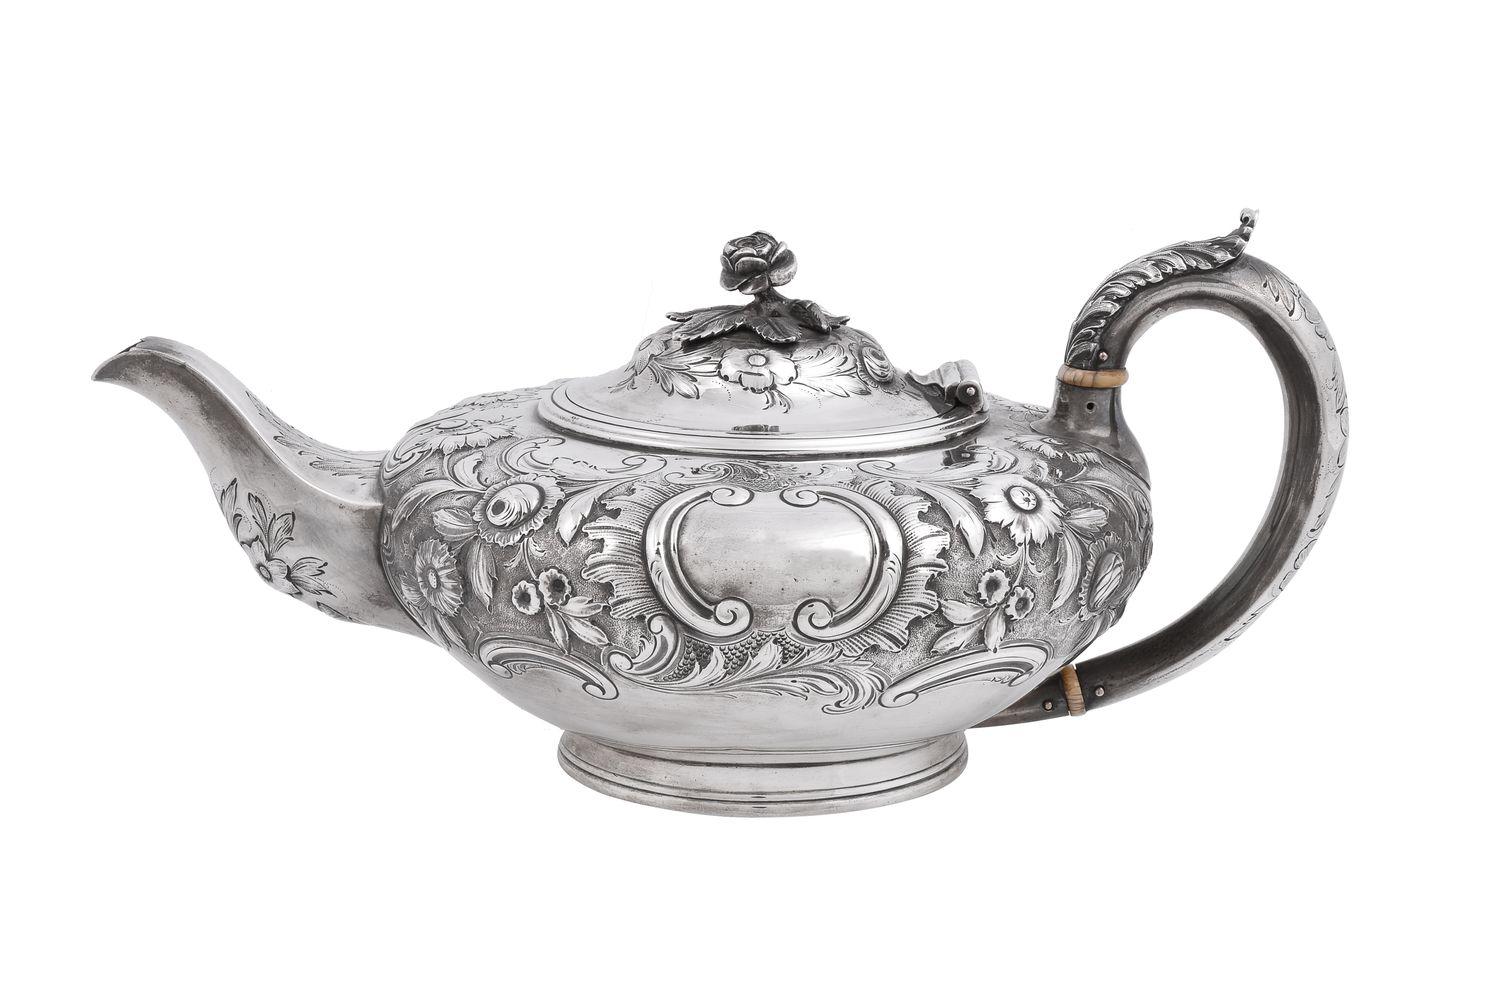 ϒ A William IV silver compressed spherical tea pot by J. Wrangham & William Moulson